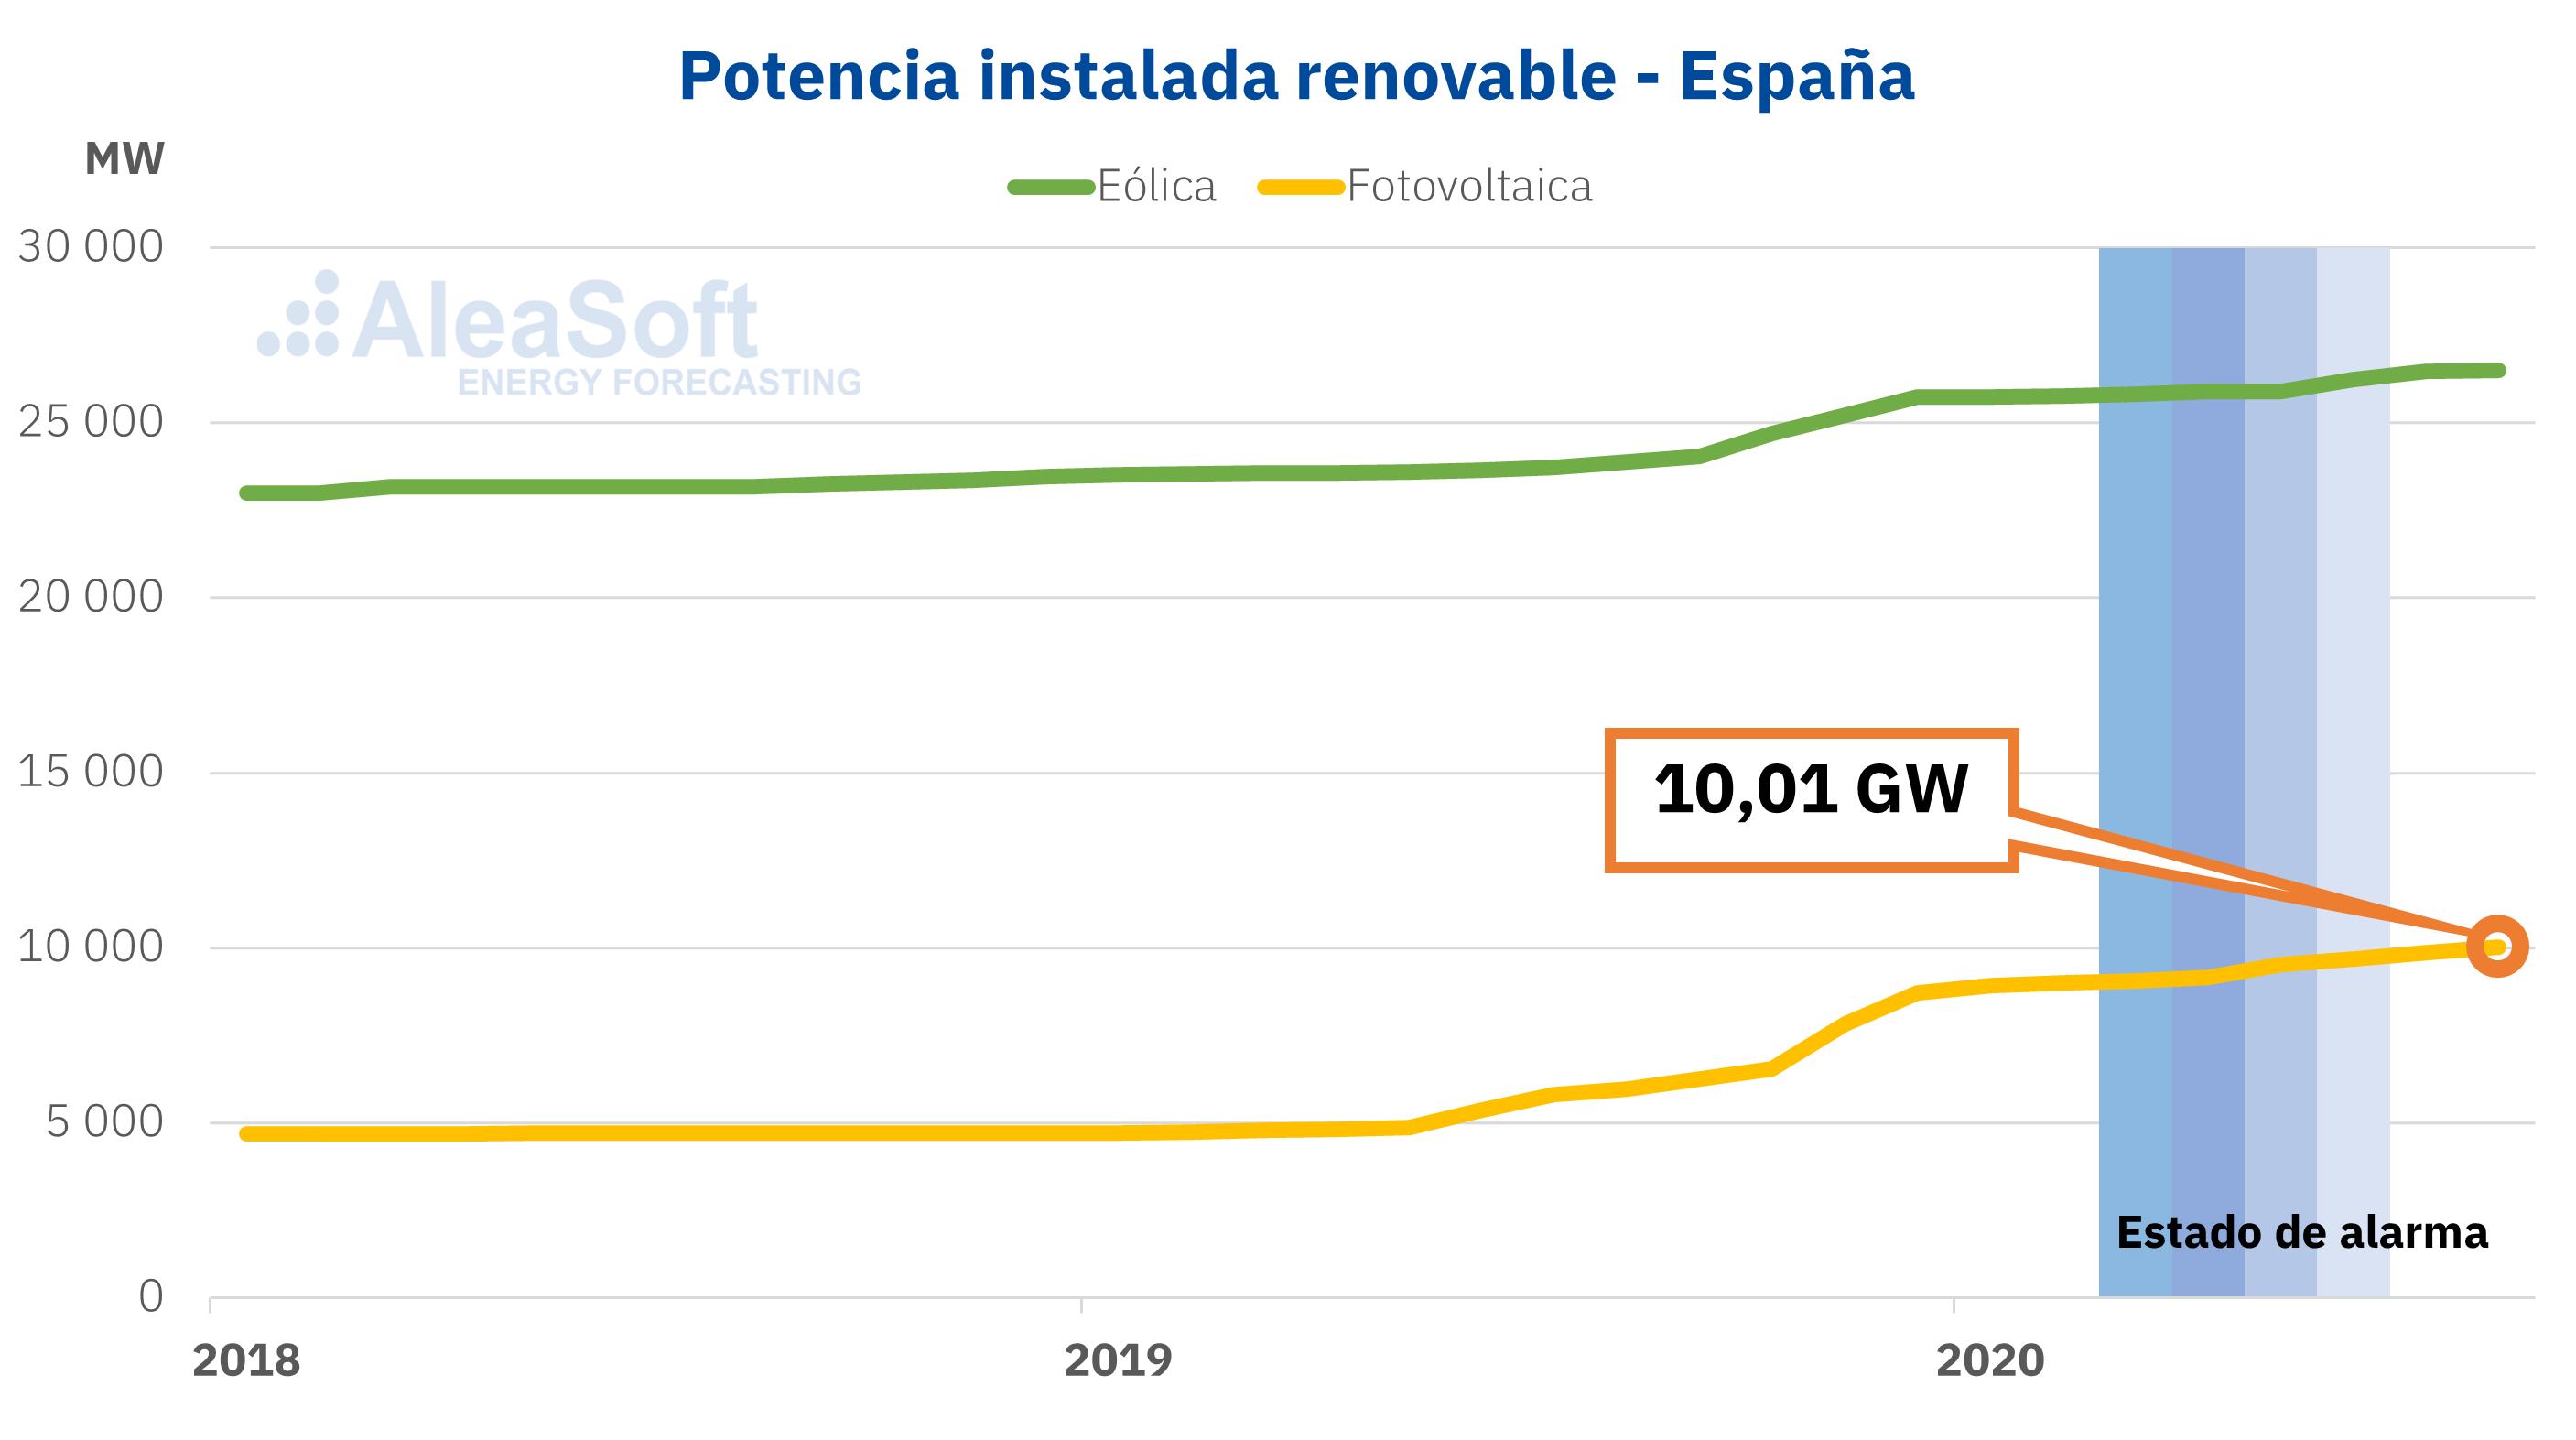 alt - https://static.comunicae.com/photos/notas/1217880/1600430834_20200918_AleaSoft_Potencia_instalada_eolica_solar_fotovoltaica_Espanna.png